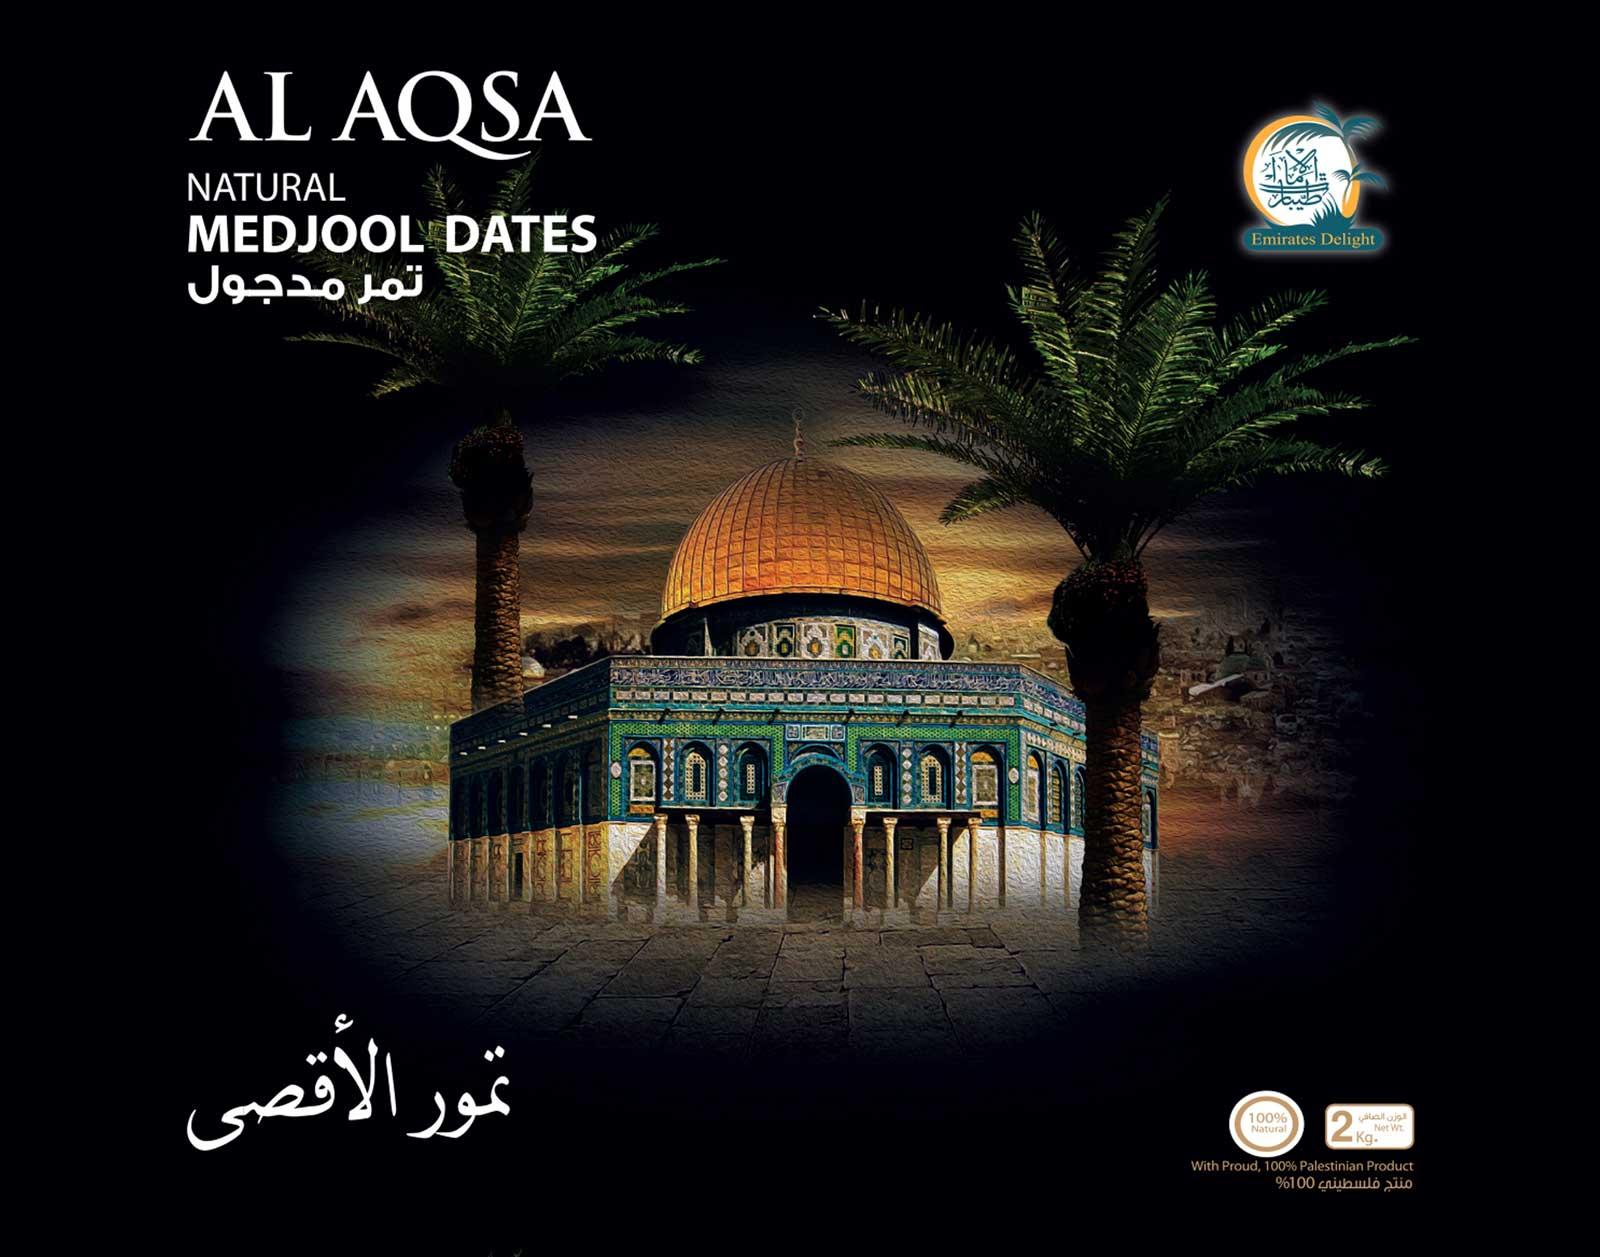 Al Aqsa Moschee Brand